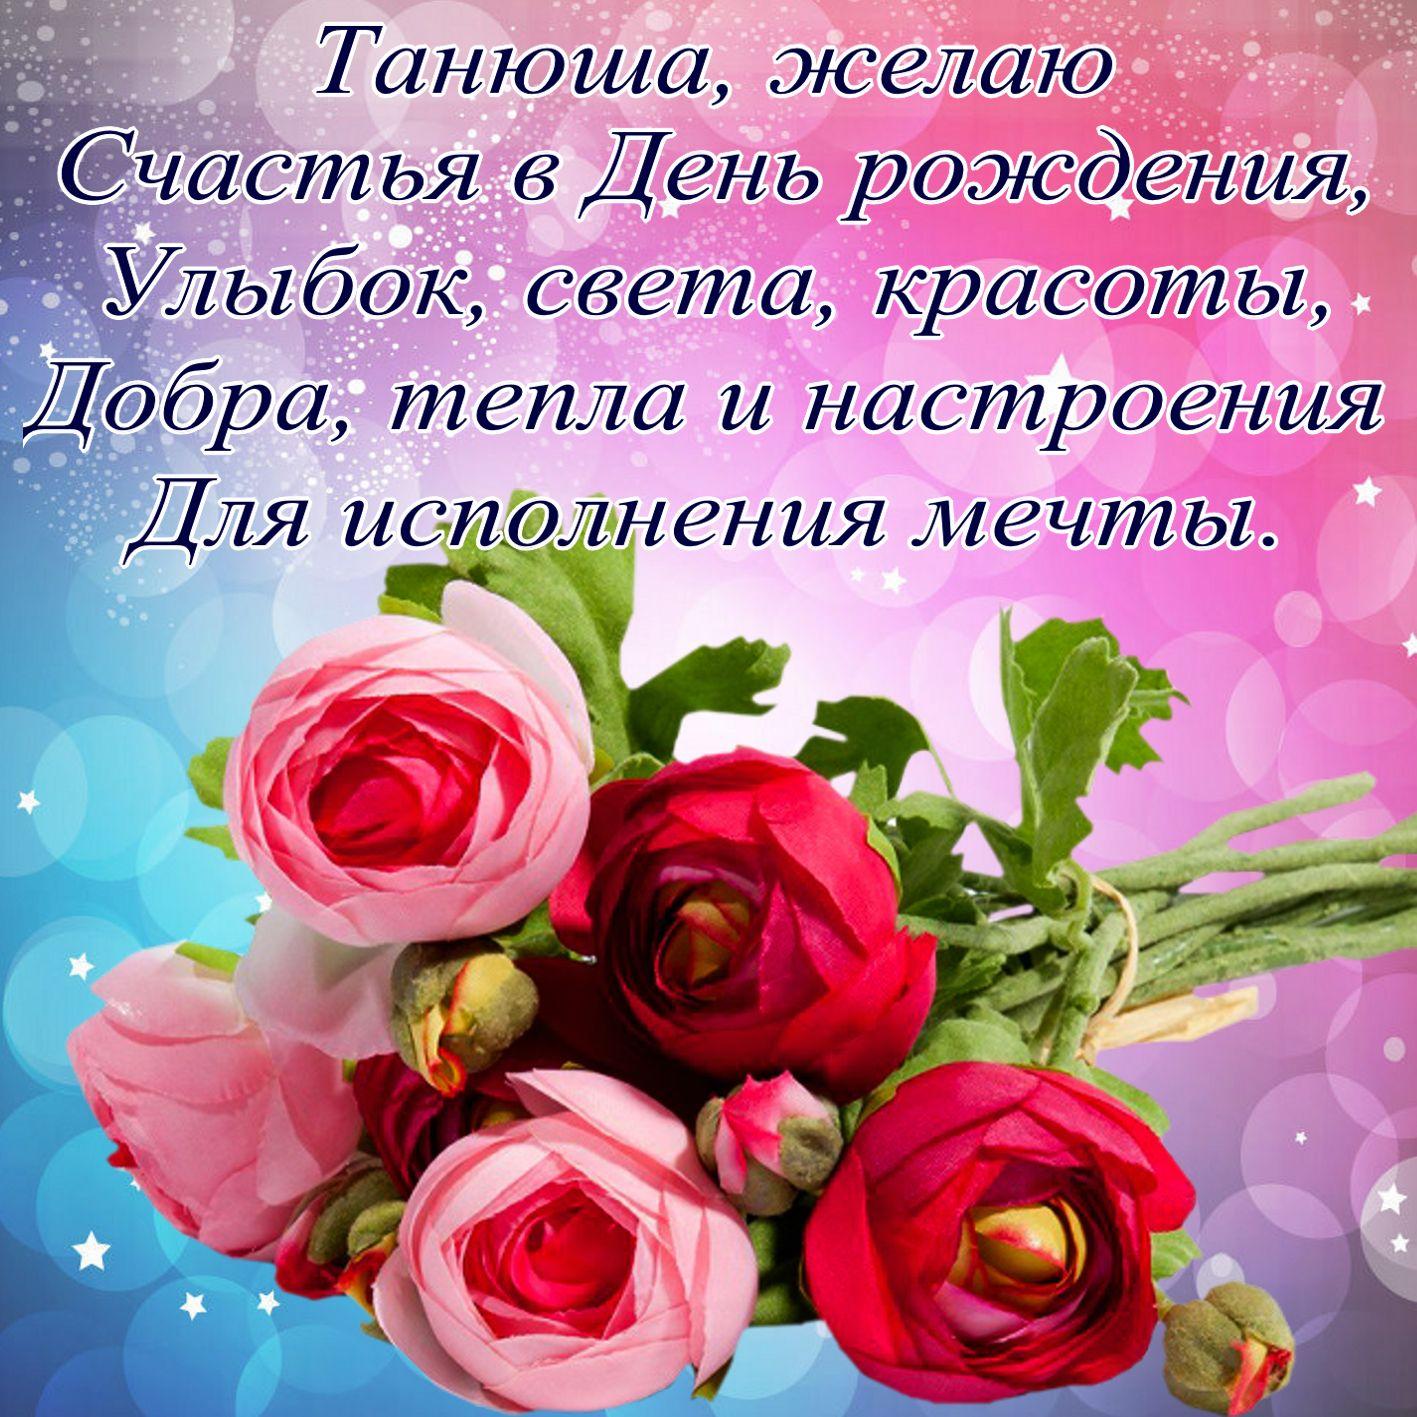 Открытка на День рождения Татьяне - оригинальные цветы на блестящем фоне